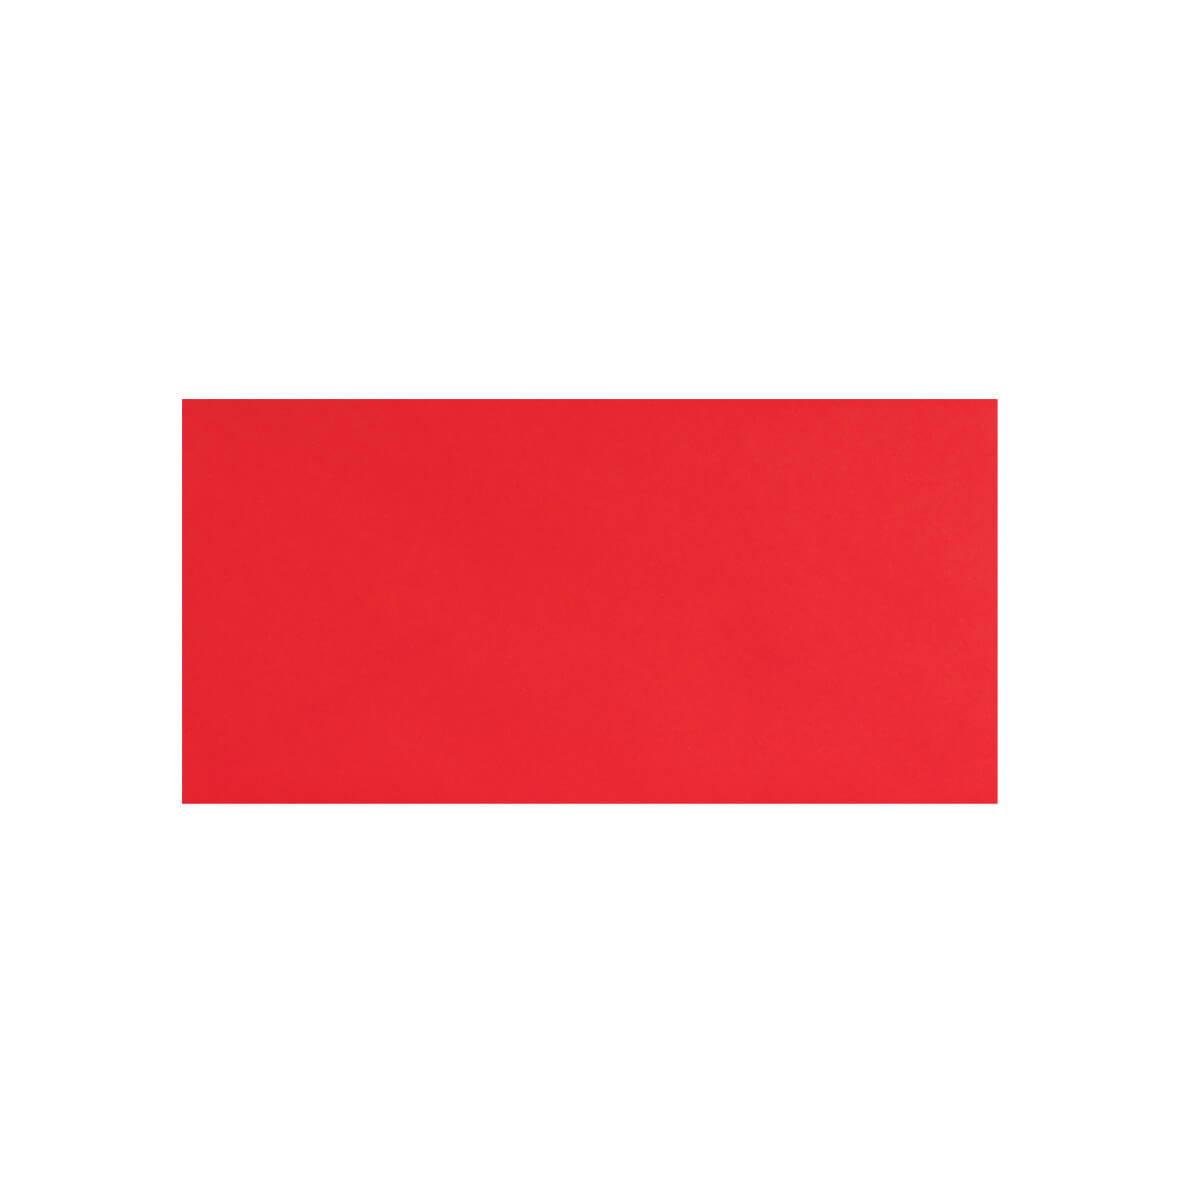 DL BRIGHT RED ENVELOPES 120GSM